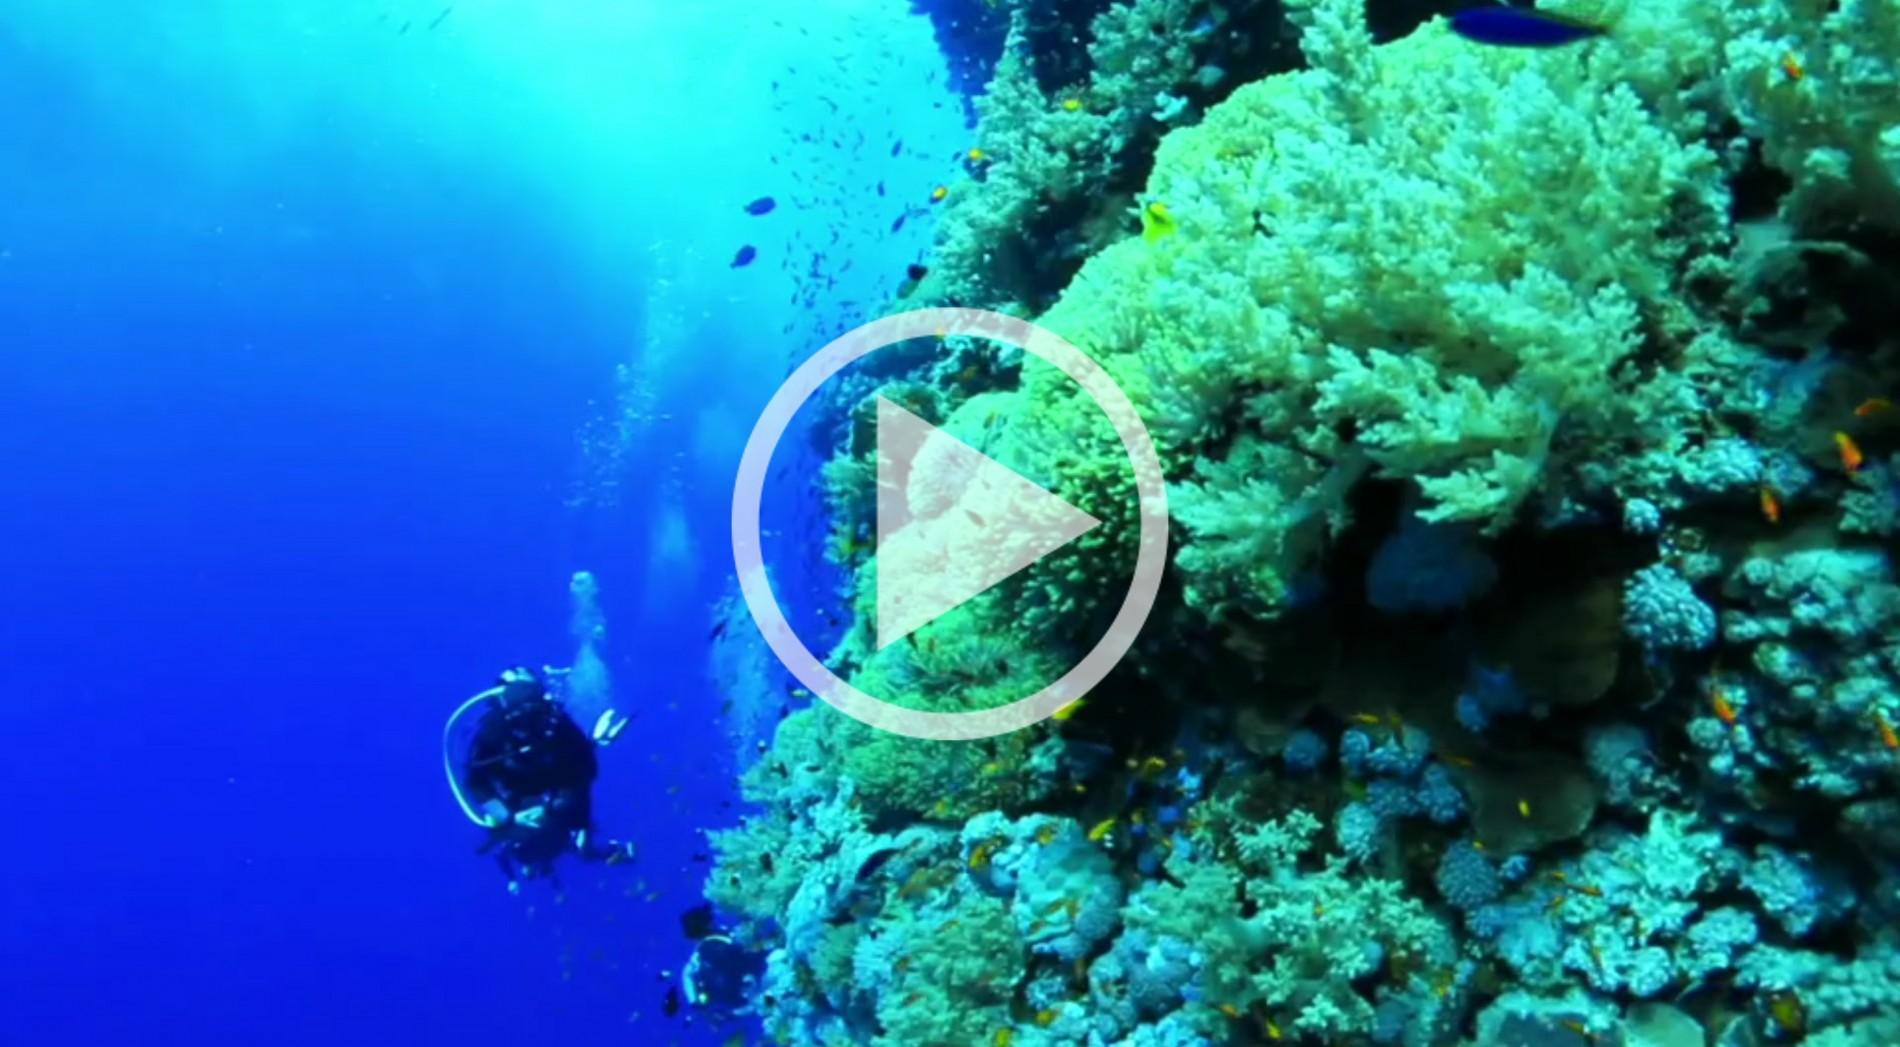 Beskid Divers